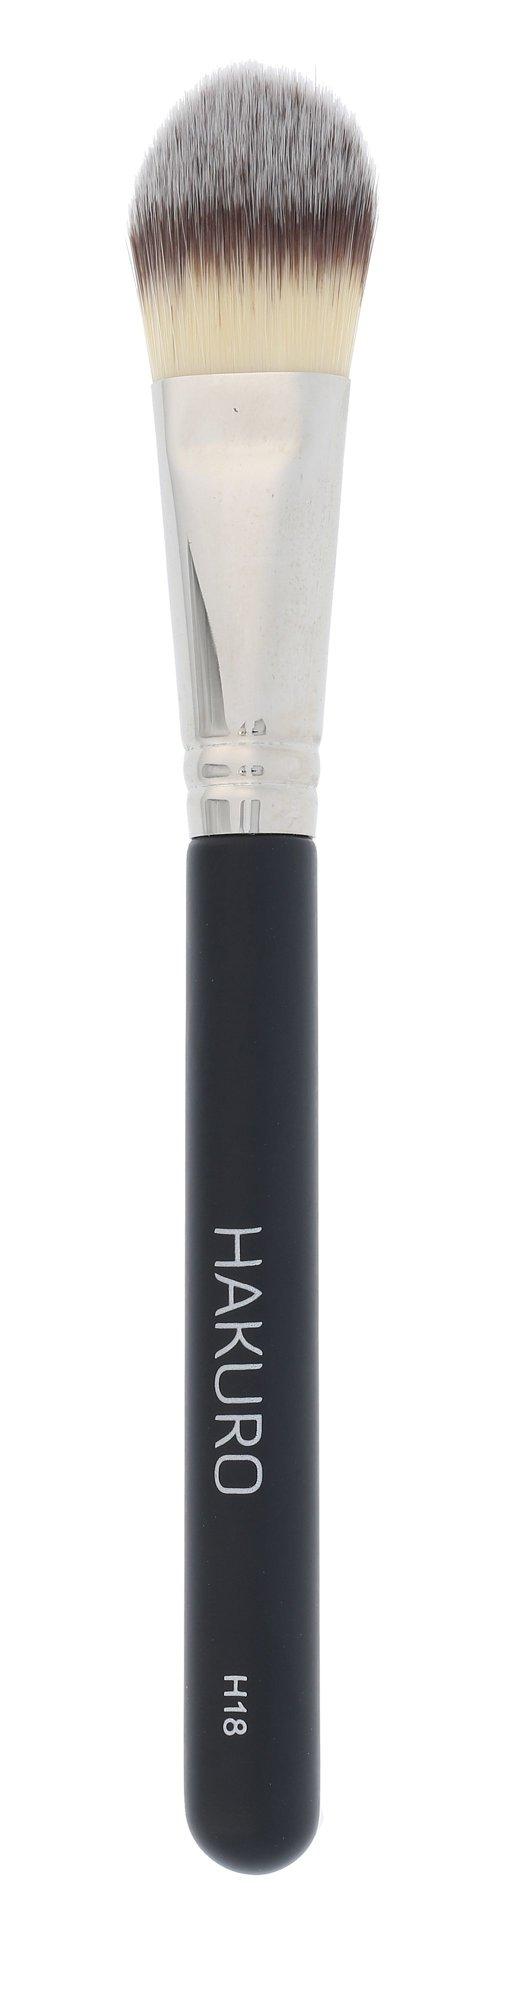 Hakuro Brushes Cosmetic 1ml  H18